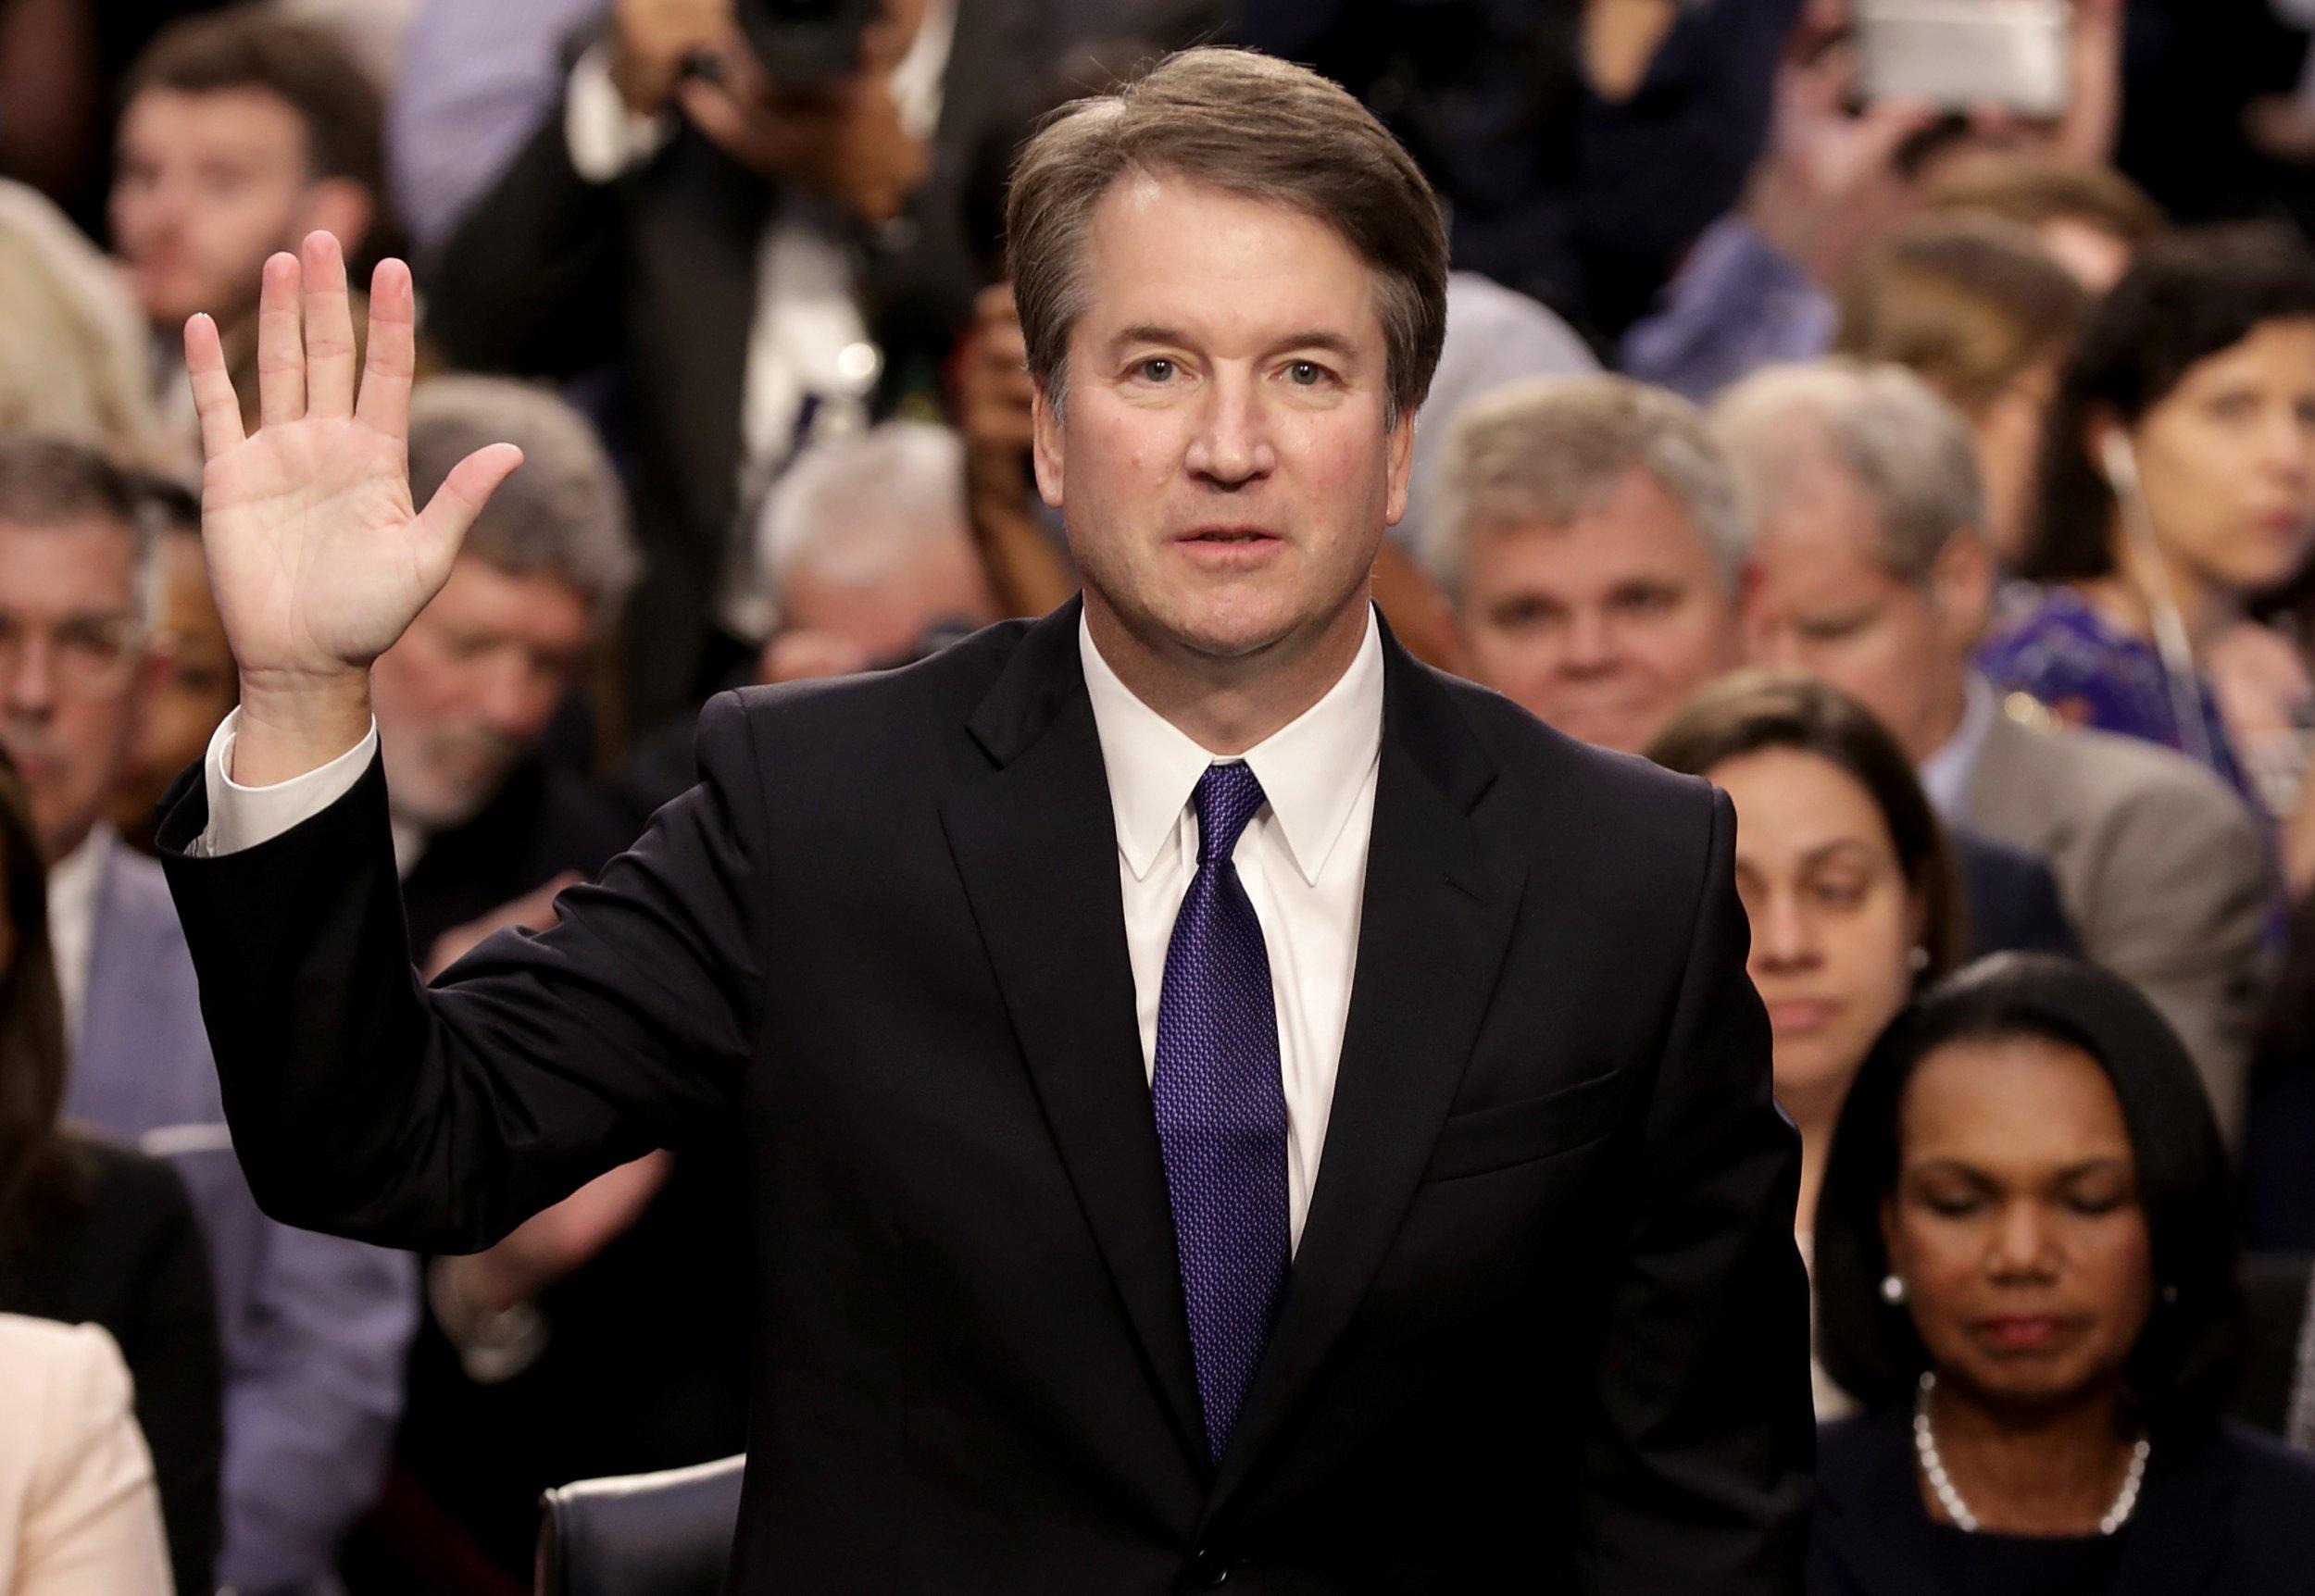 Brett Kavanaugh, subpoena, Supreme Court, Trump, Nixon.